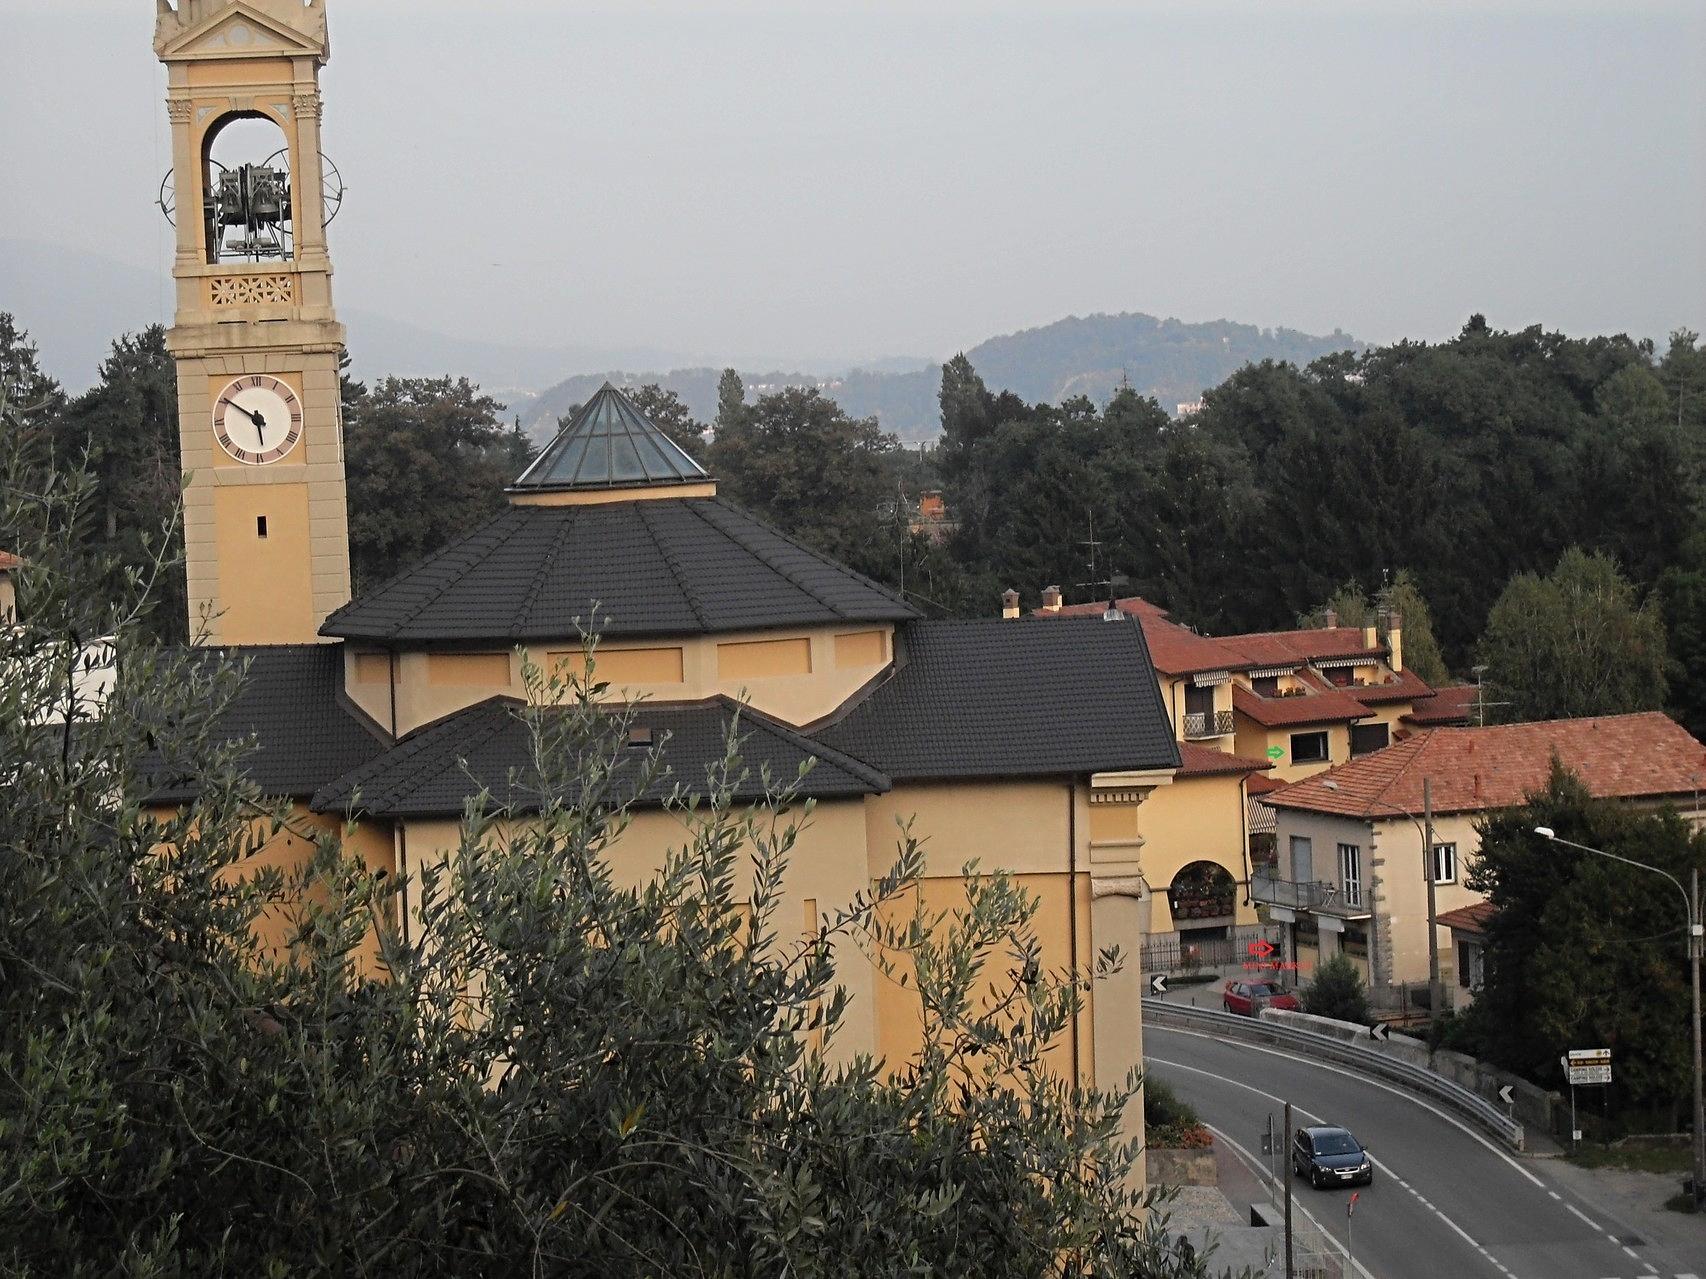 Solcio di Lesa : Chiesa, Mini market e fermata bus a 50 m dall'appartamento.